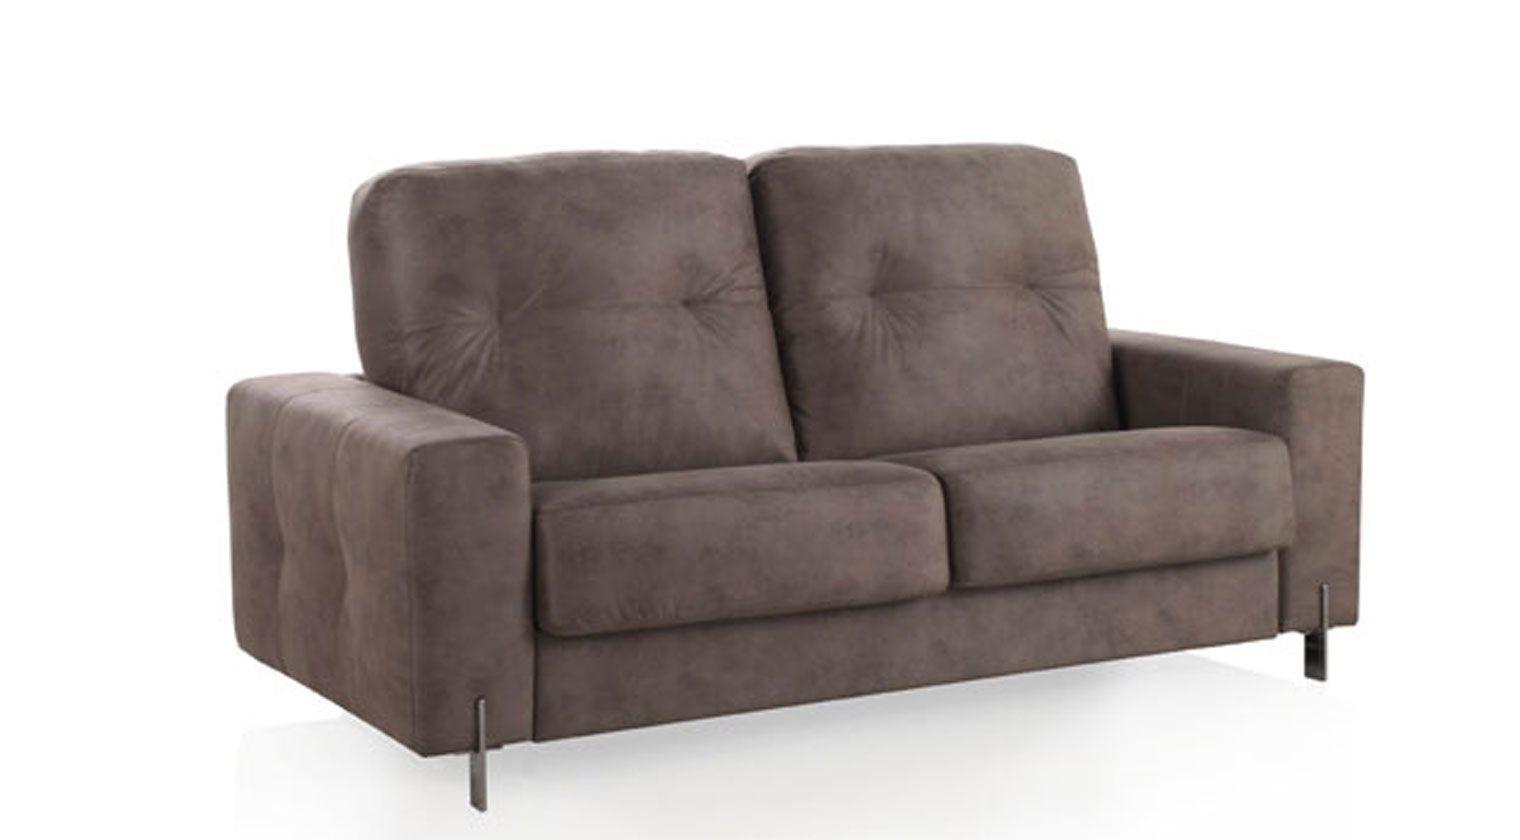 sof cama sevilla sofas cama apertura italiana